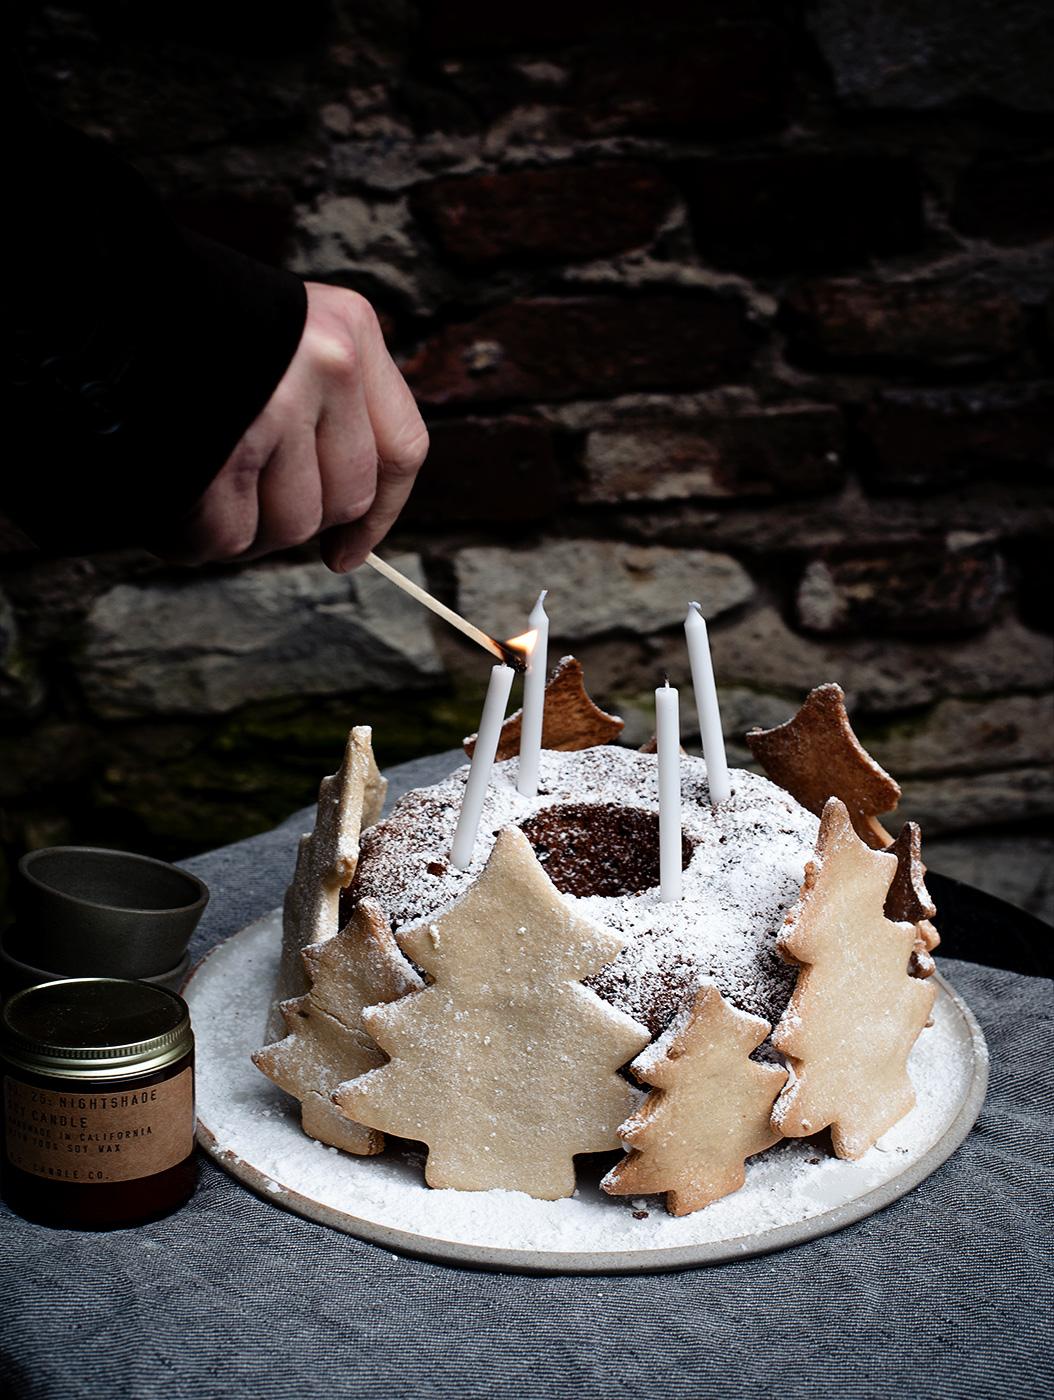 Kreative-Weihnachtsplätzchen-und-Kuchen-für-die-AdventszeitIMG_8805